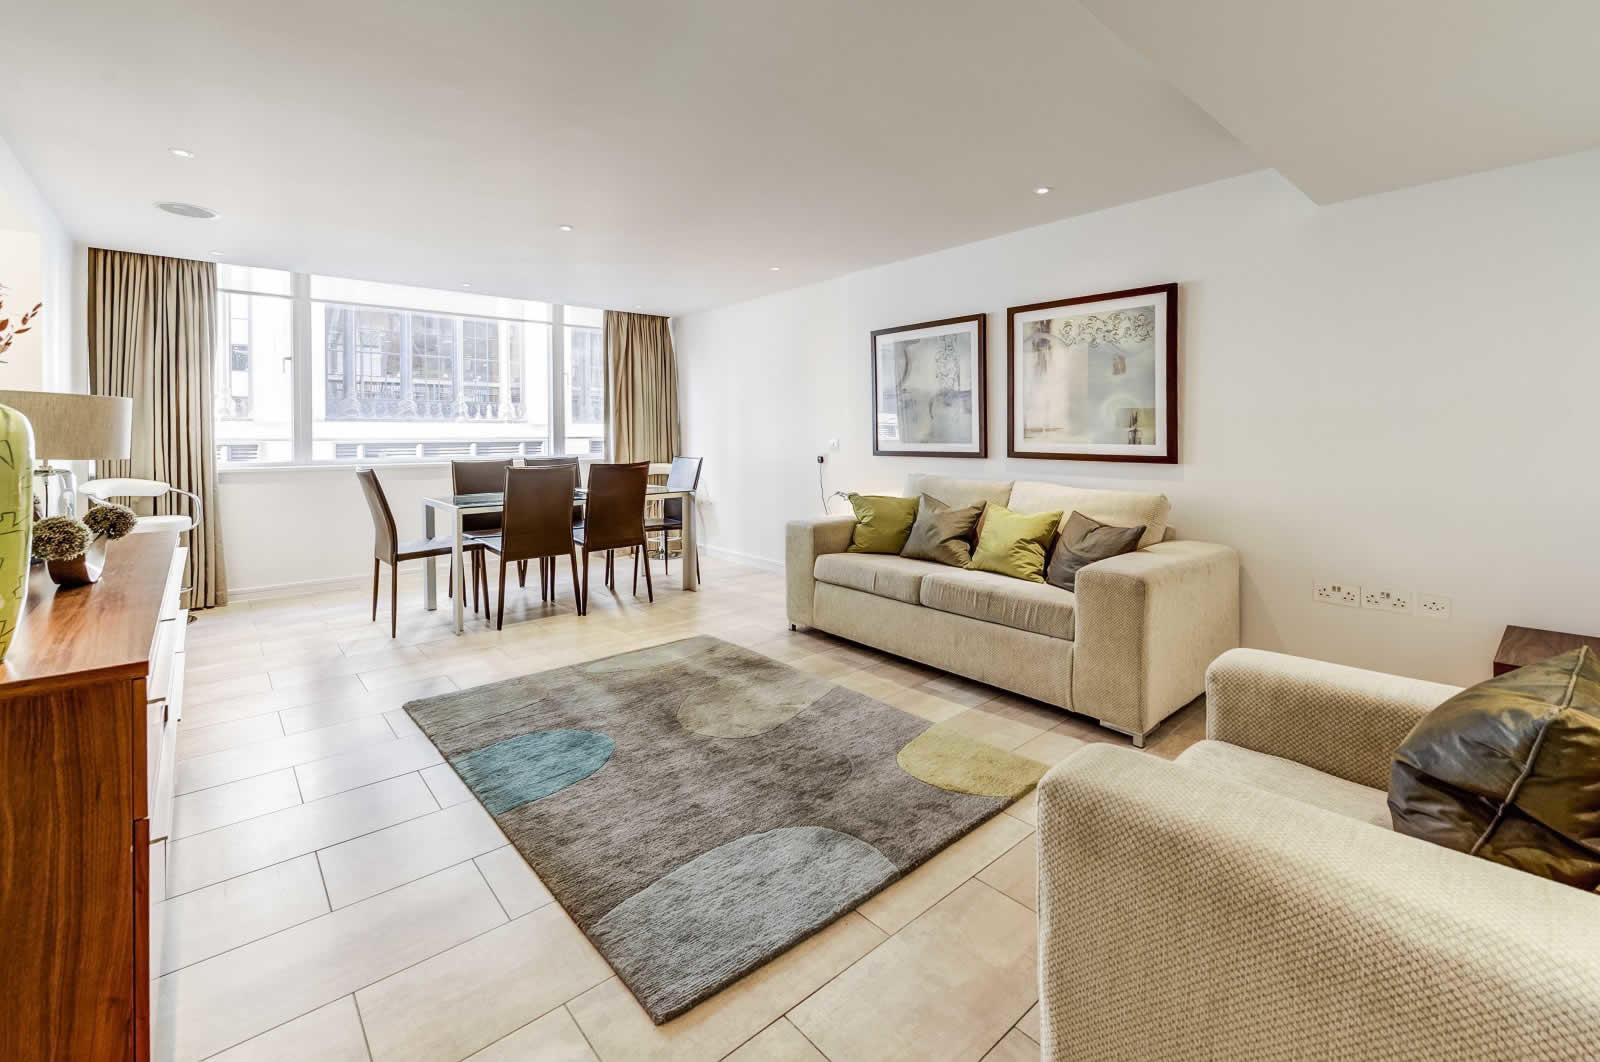 appartement-contemporain-meuble-duplex-a-louer-kensington-immeuble-moderne-cuisine-equipee